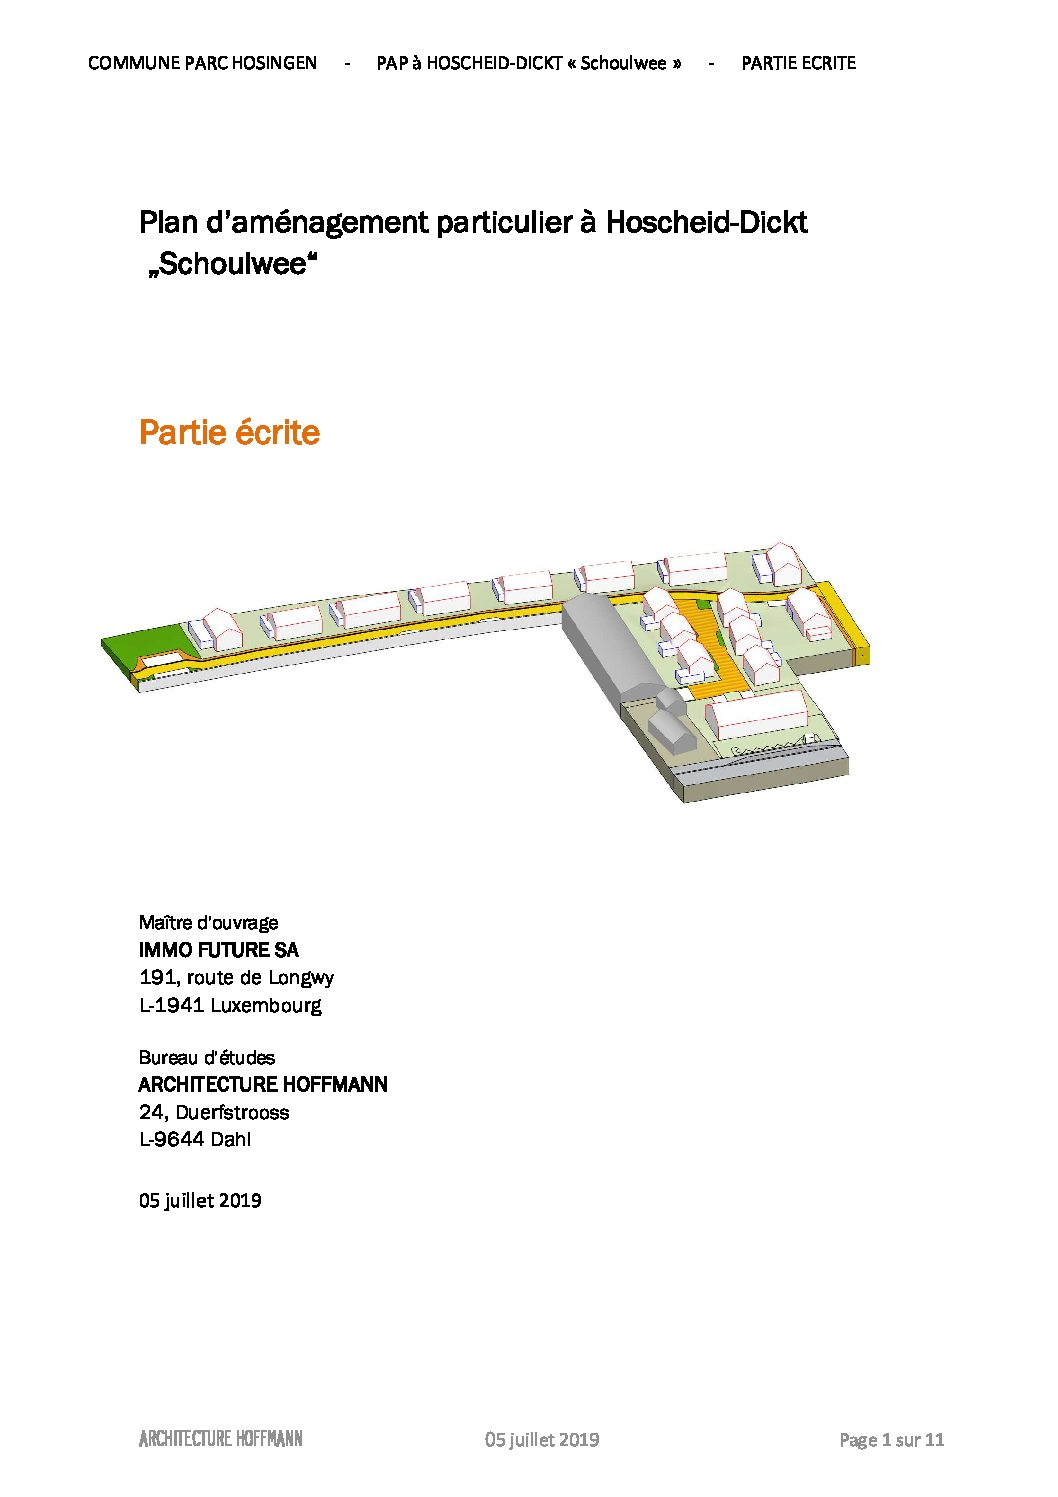 PAP Schoulwee Hoscheid-Dickt partie écrite